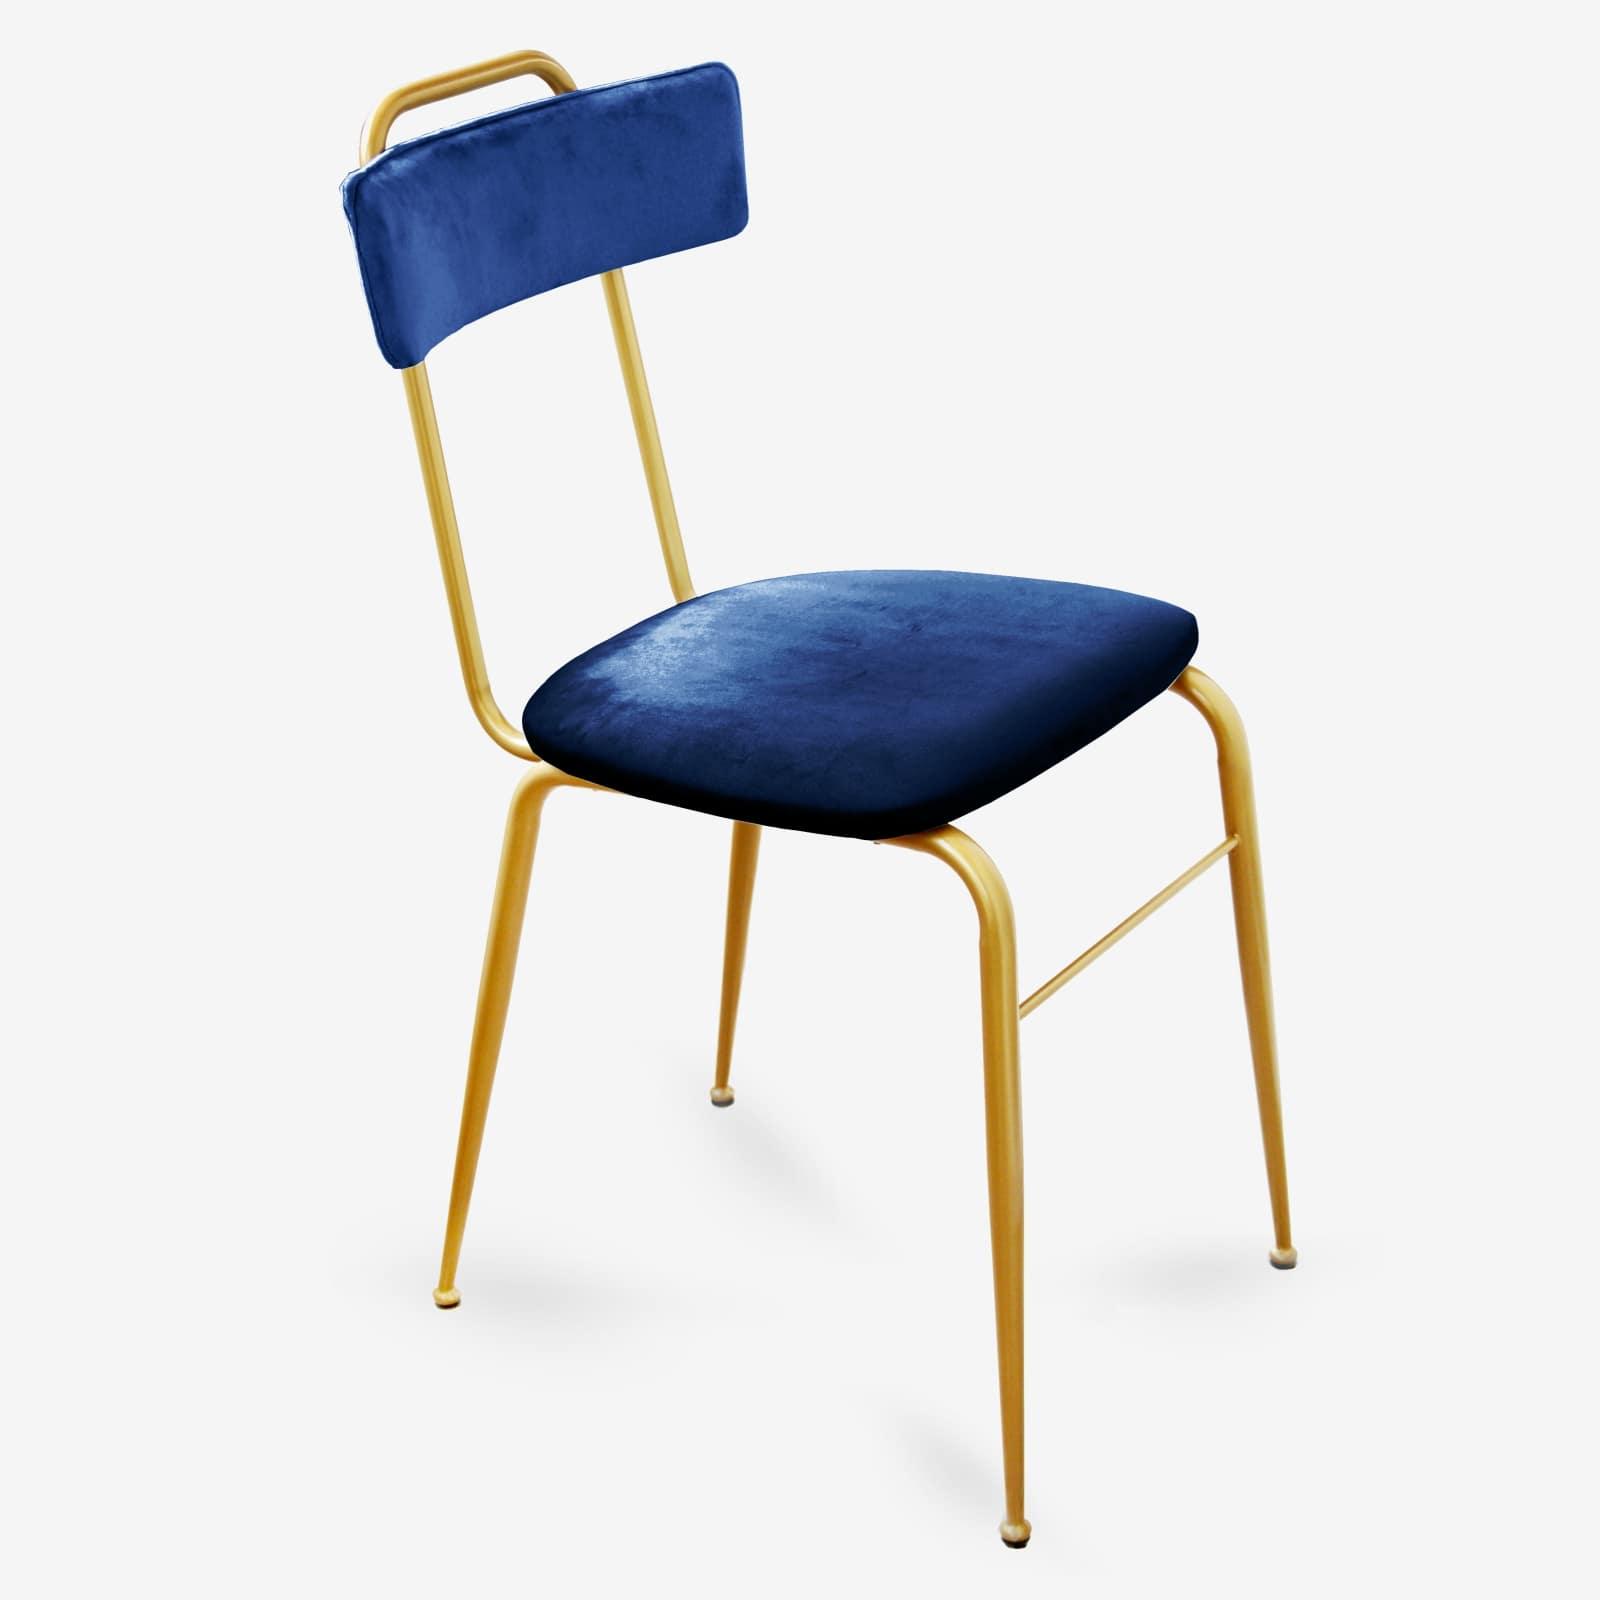 Sedia in Velluto blu stile Vintage con gambe in Metallo oro liscio – CLOE